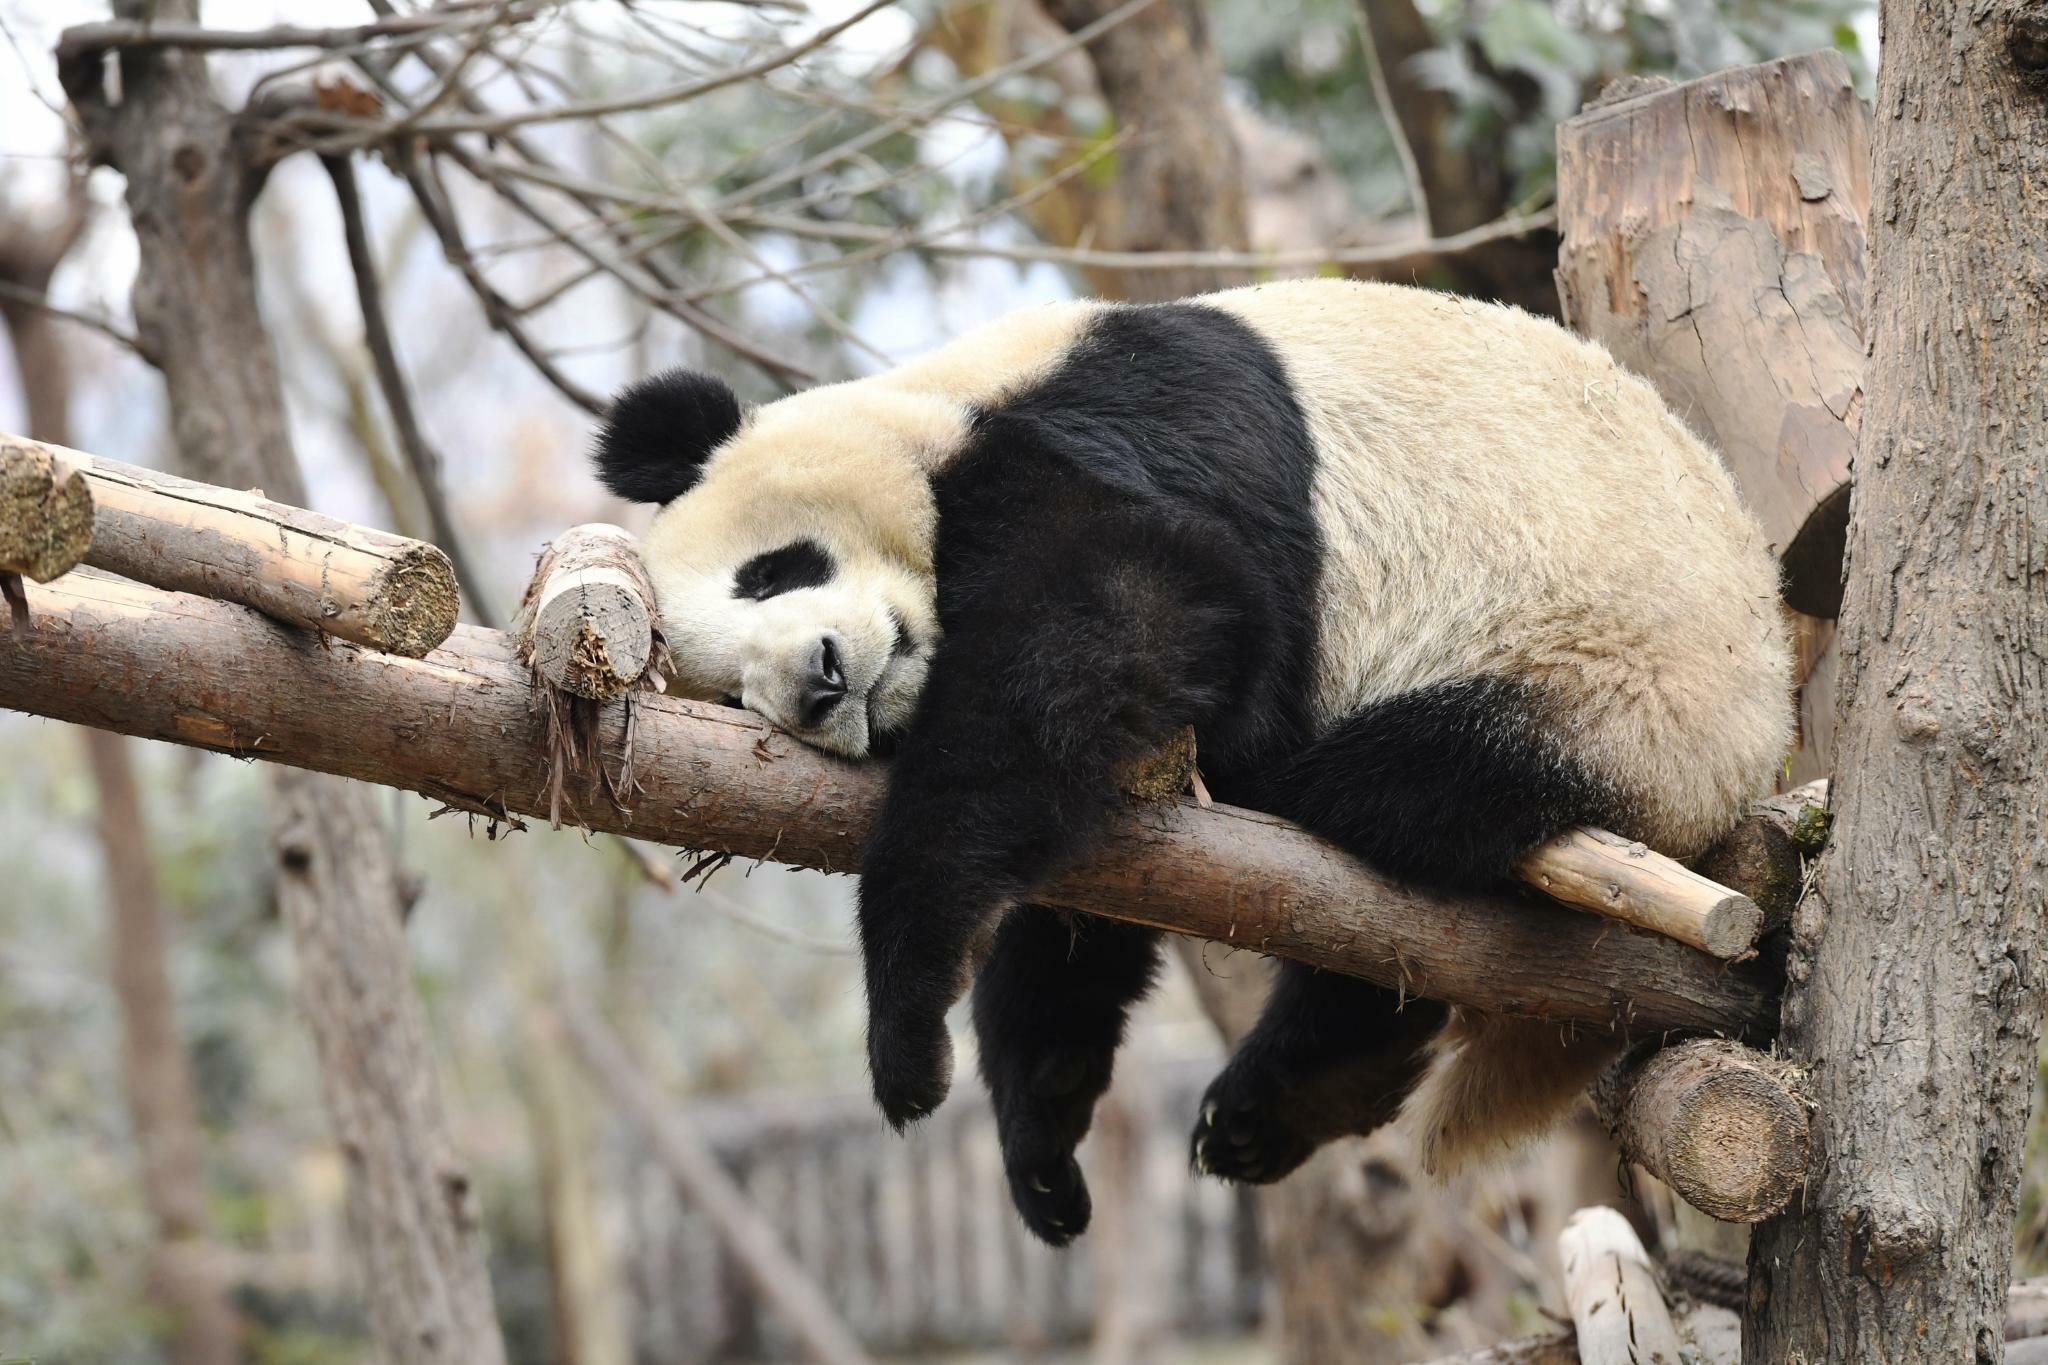 Hình ảnh gấu trúc nằm ngủ dễ thương